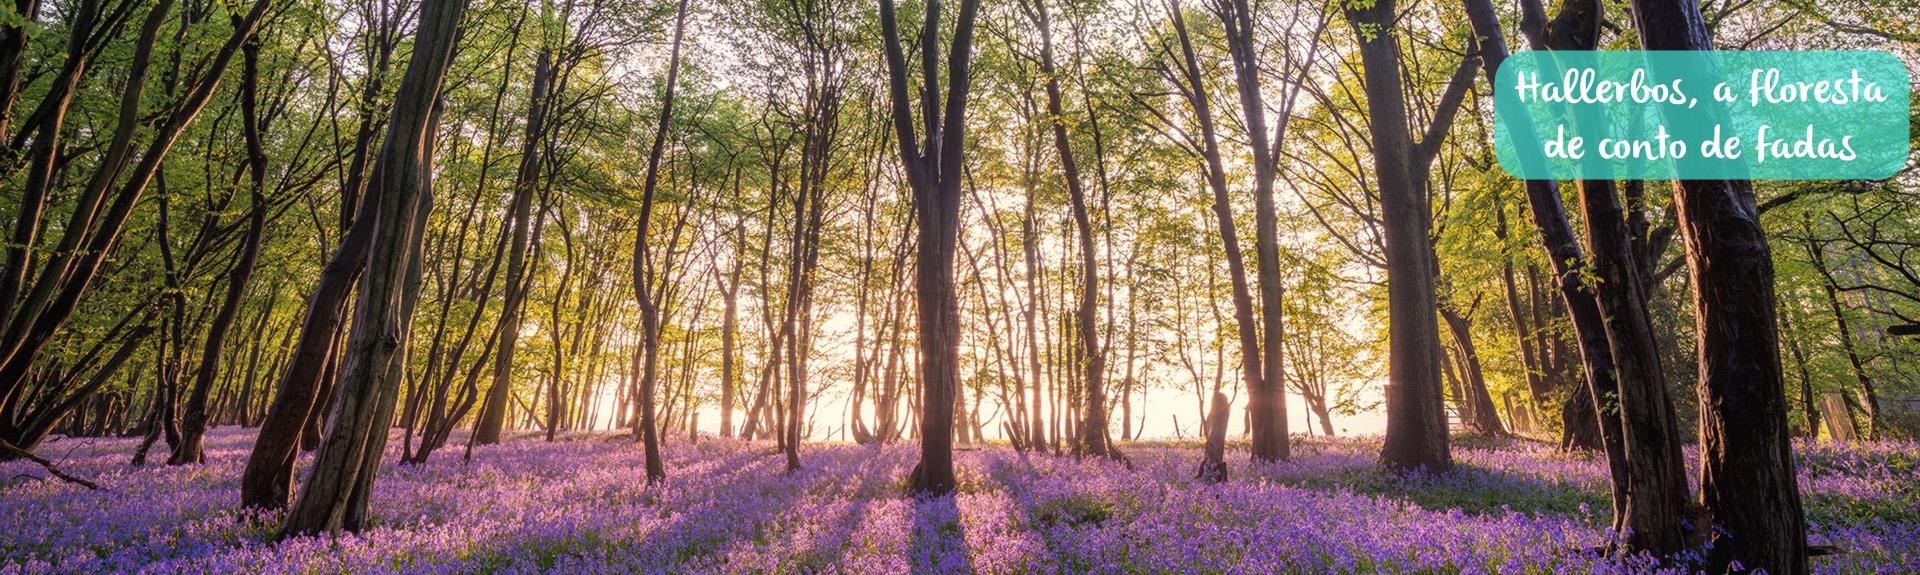 Lugares Curiosos – Hallerbos, a floresta de conto de fadas